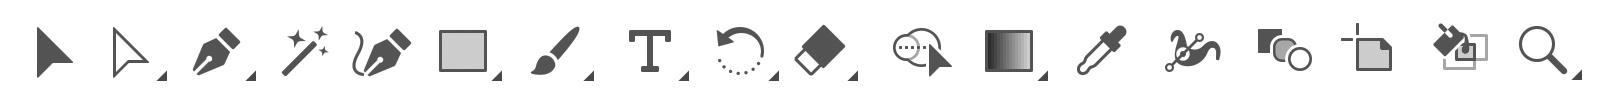 adobe illustratori koolitusel vaatame üle, milliseid tööriistu on tegelikult vaja vektorgraafikaga töötamiseks